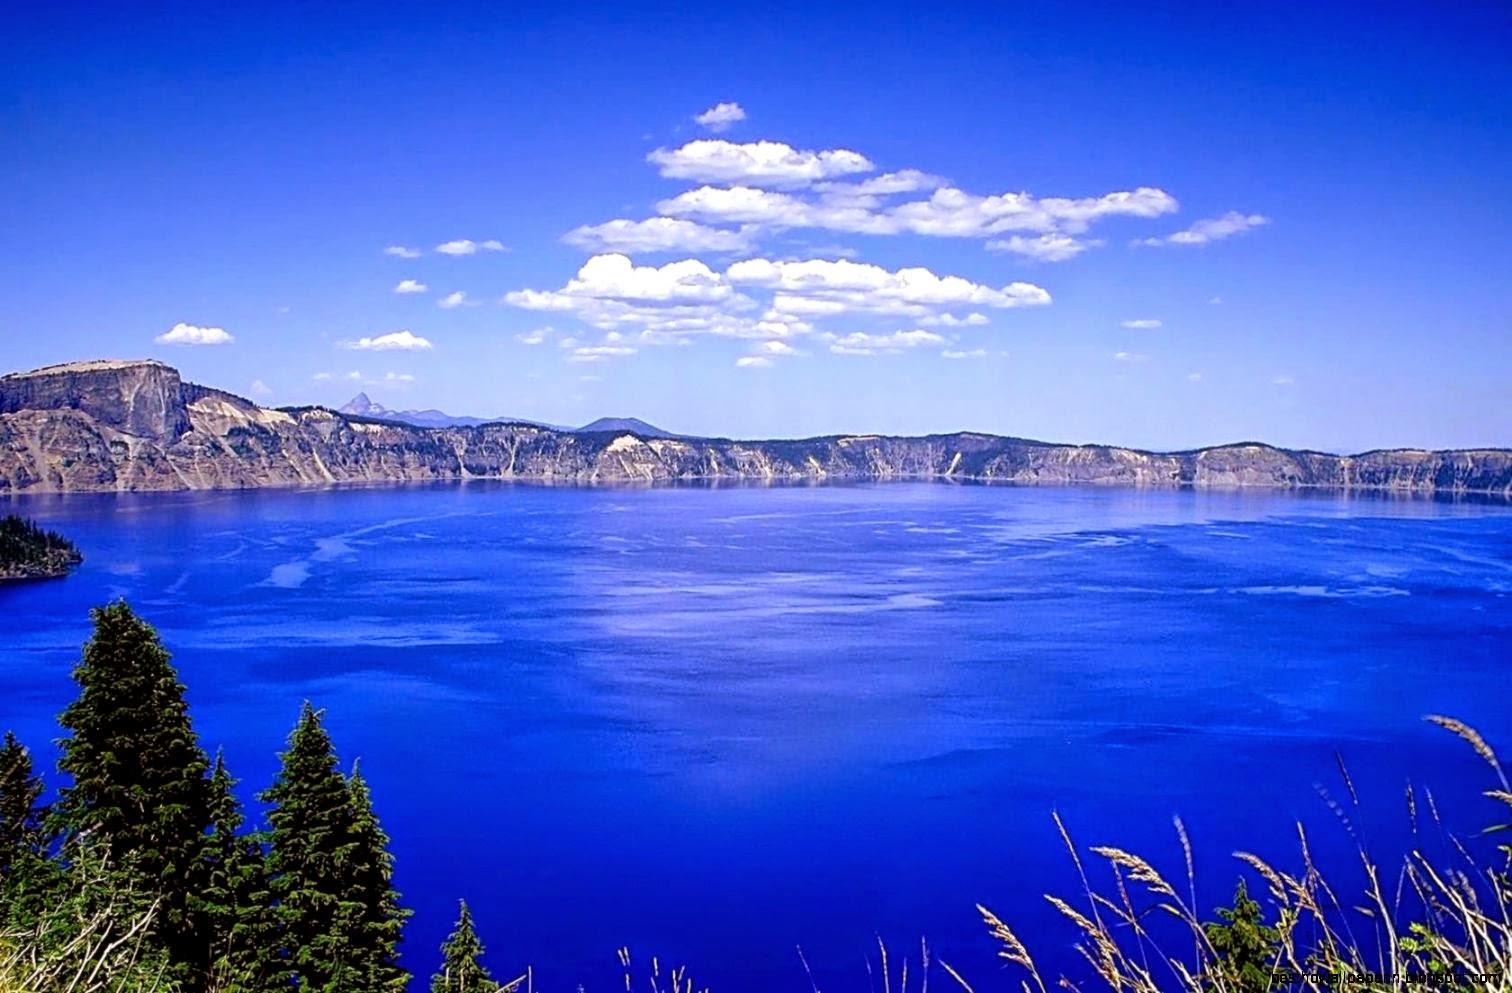 Lake Australian Wallpaper HD HD Wallpaper 1512x993